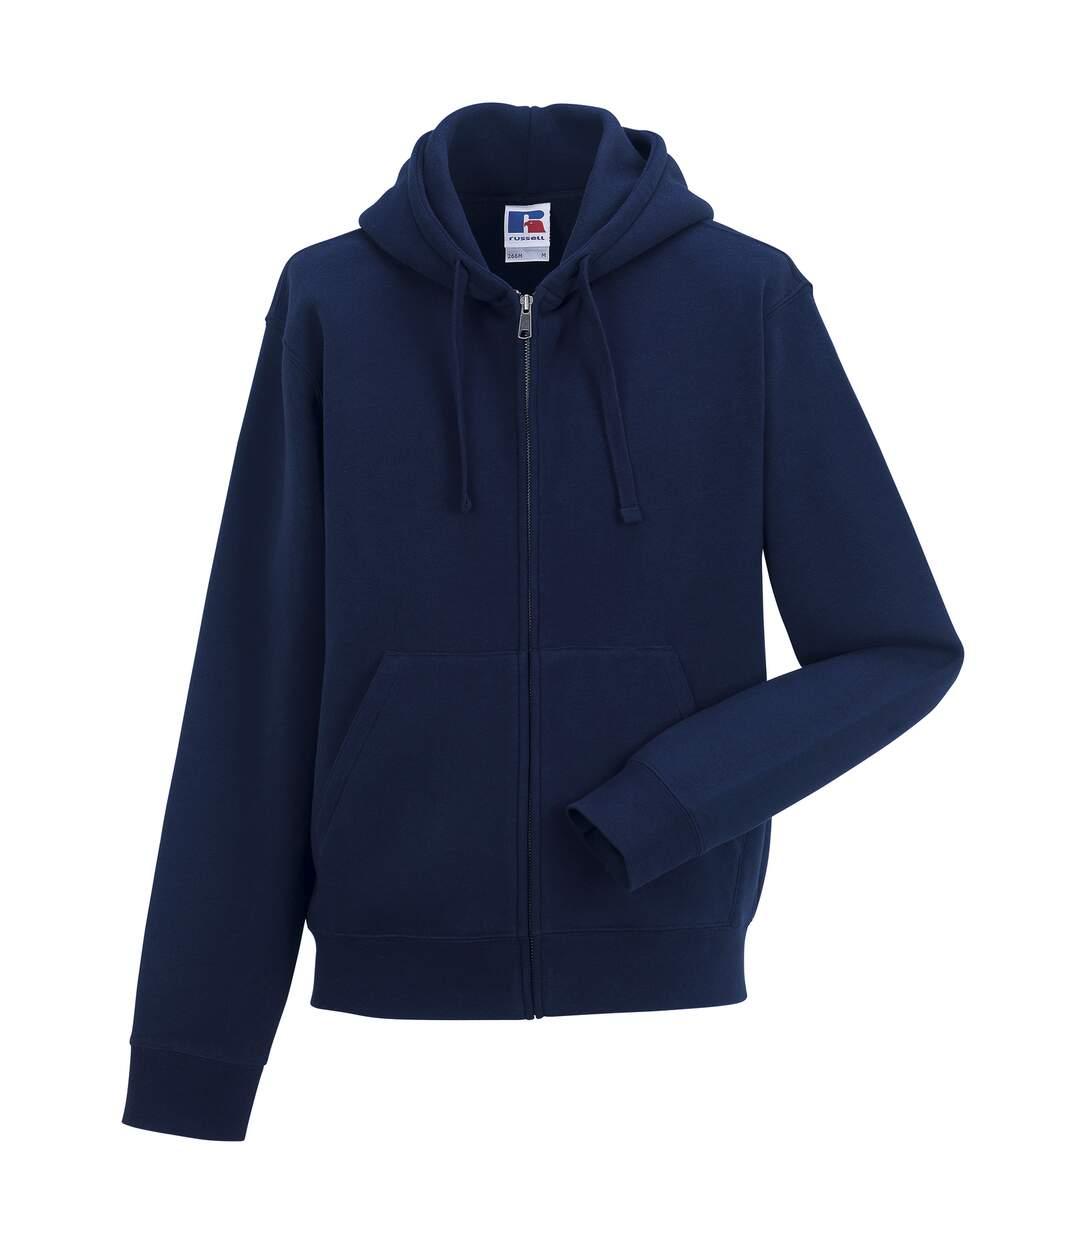 Russell Mens Authentic Full Zip Hooded Sweatshirt / Hoodie (Bright Royal) - UTBC1499